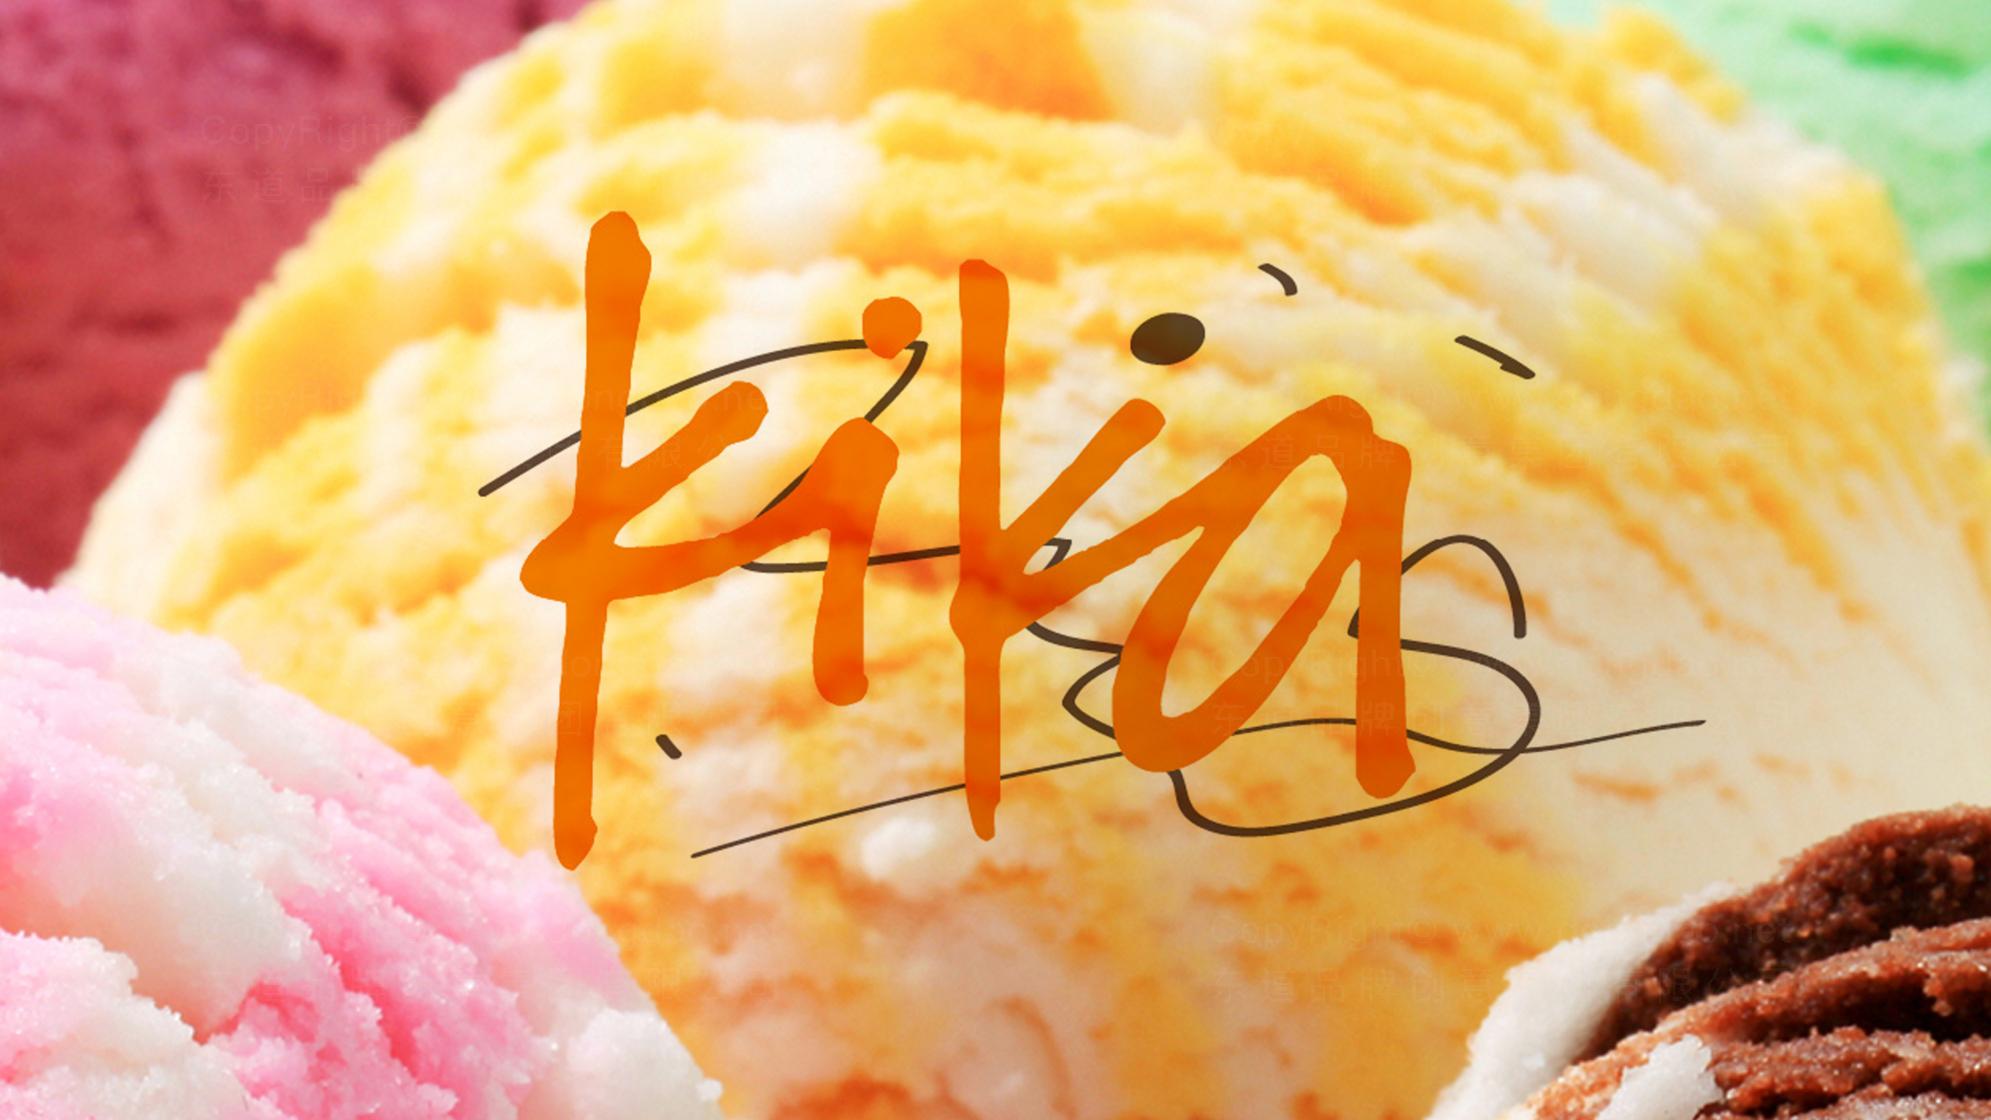 品牌设计案例kika冰淇淋LOGO&VI设计